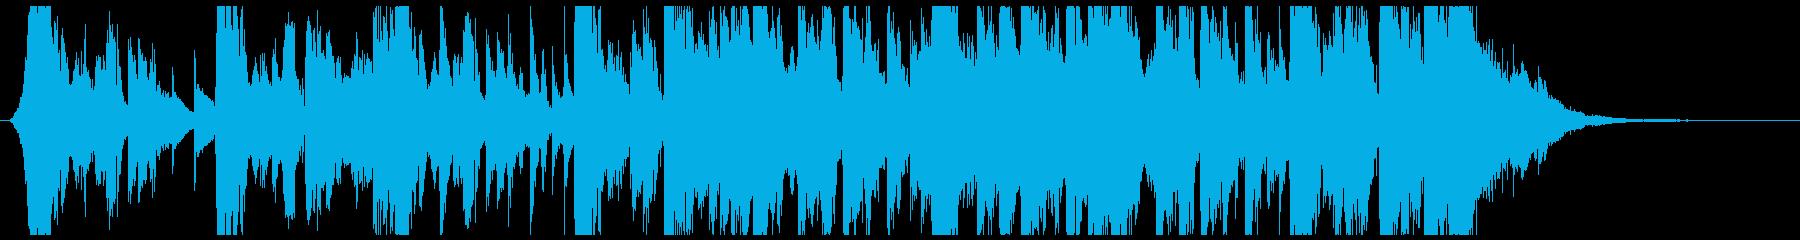 ジングルに適したフューチャー系サウンドの再生済みの波形